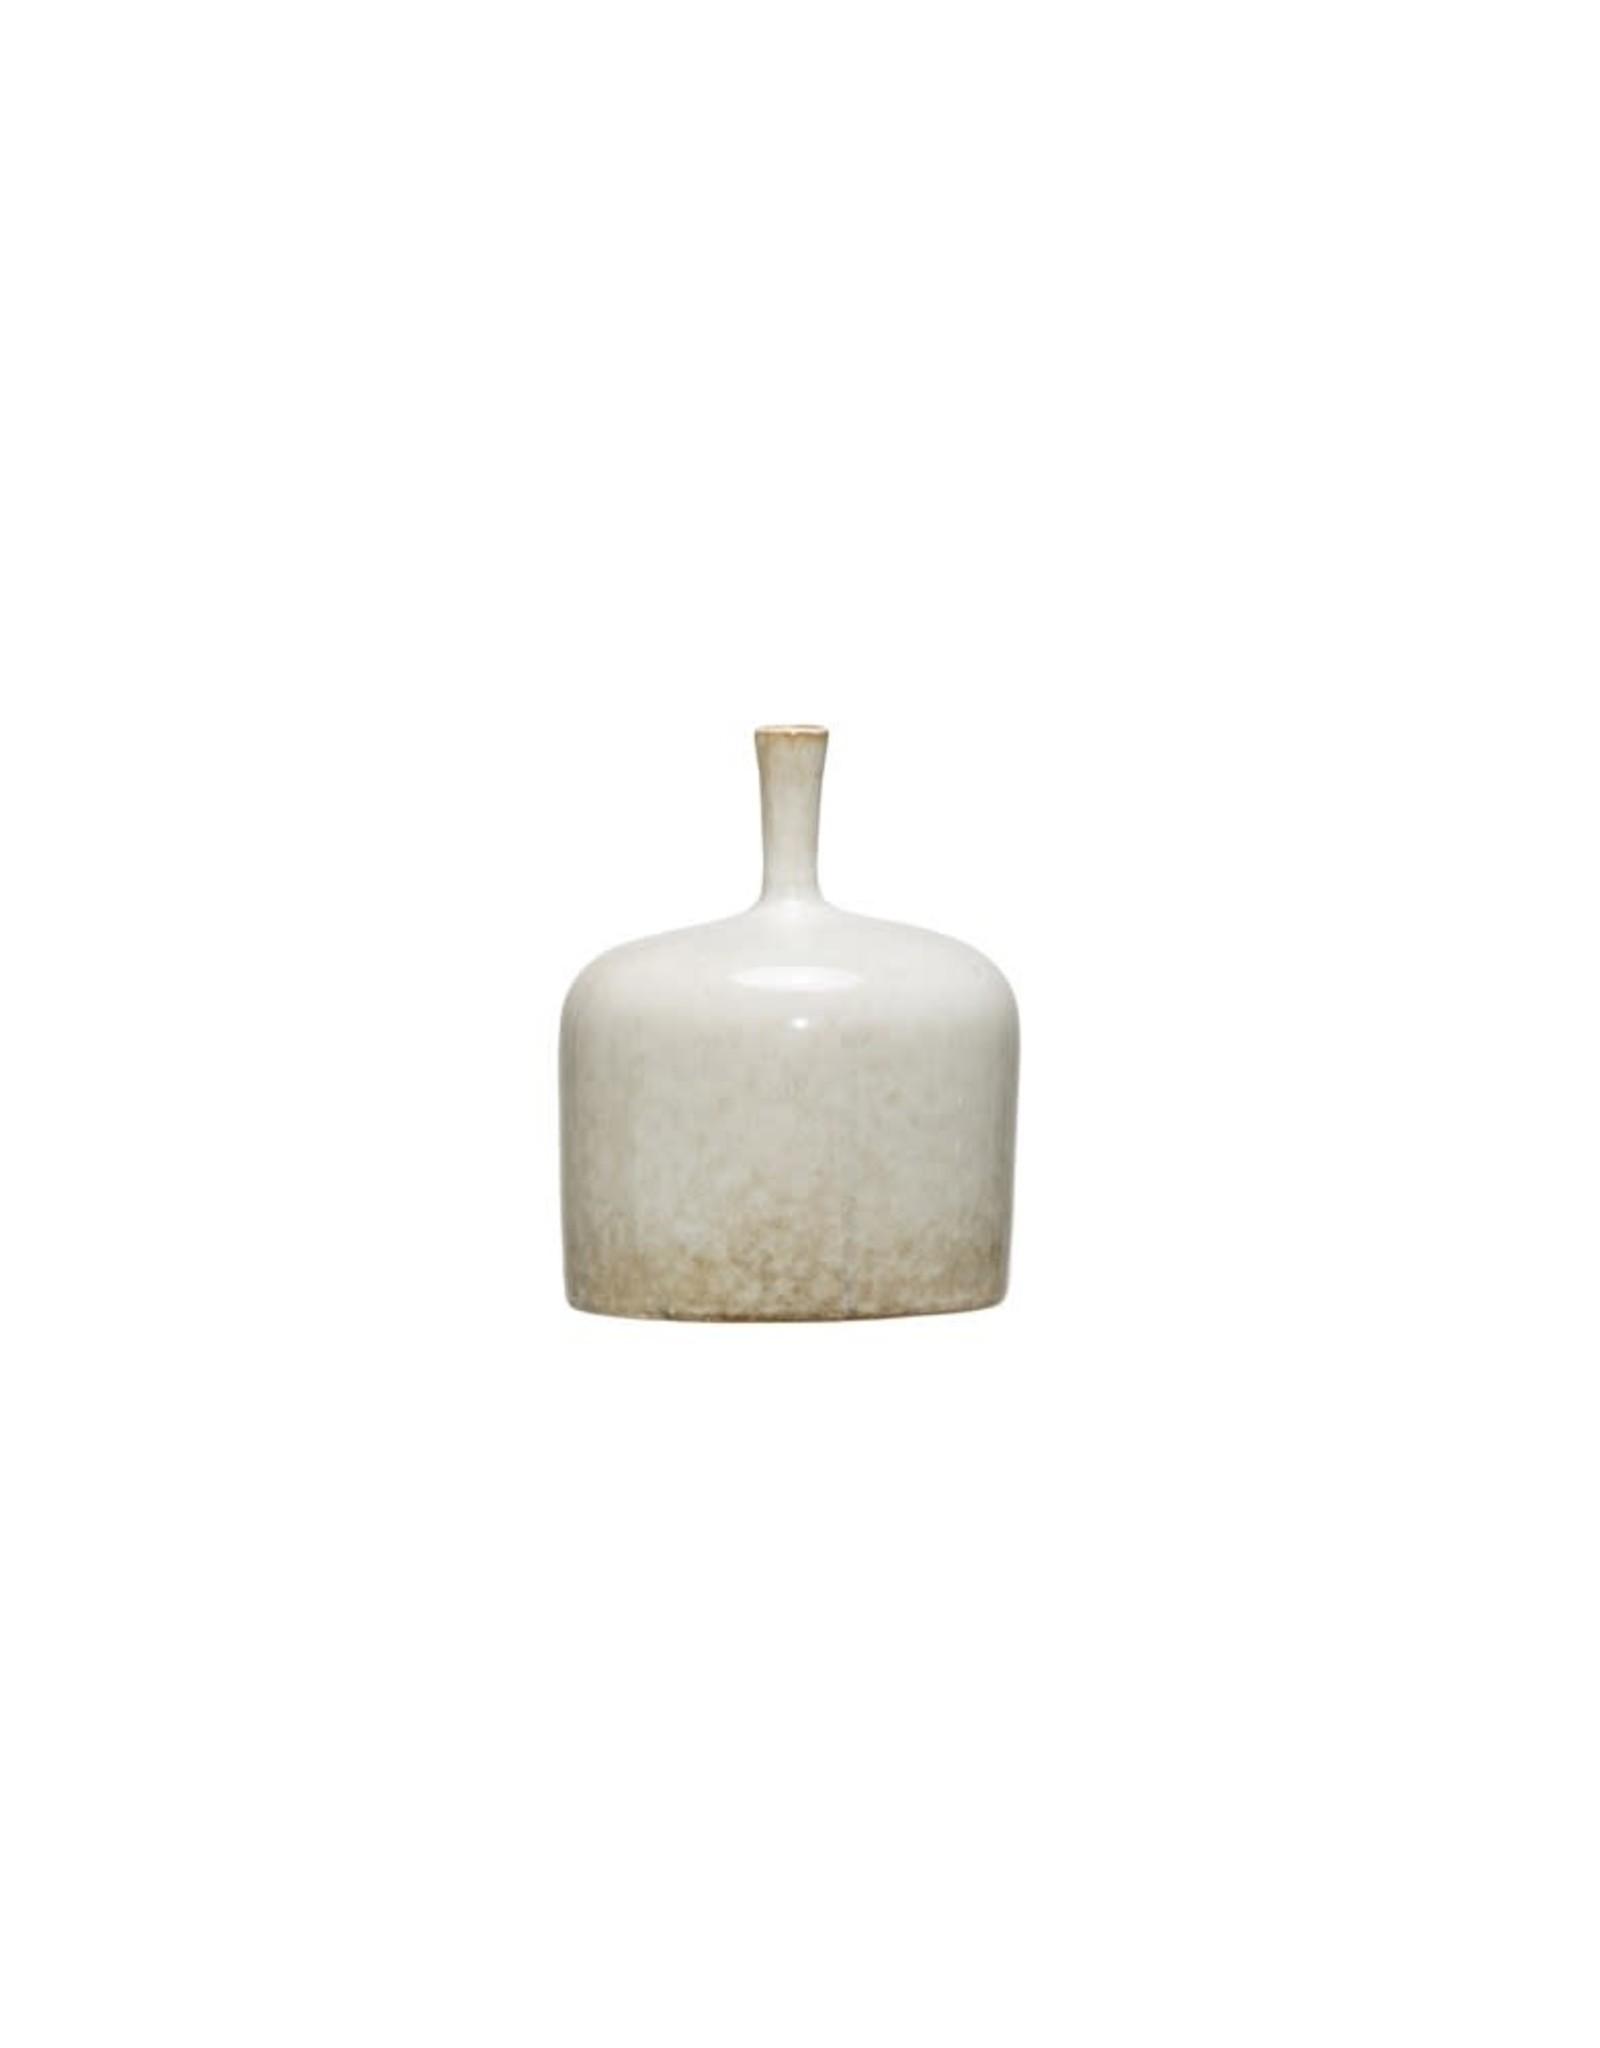 Small Narrow Necked White Vase